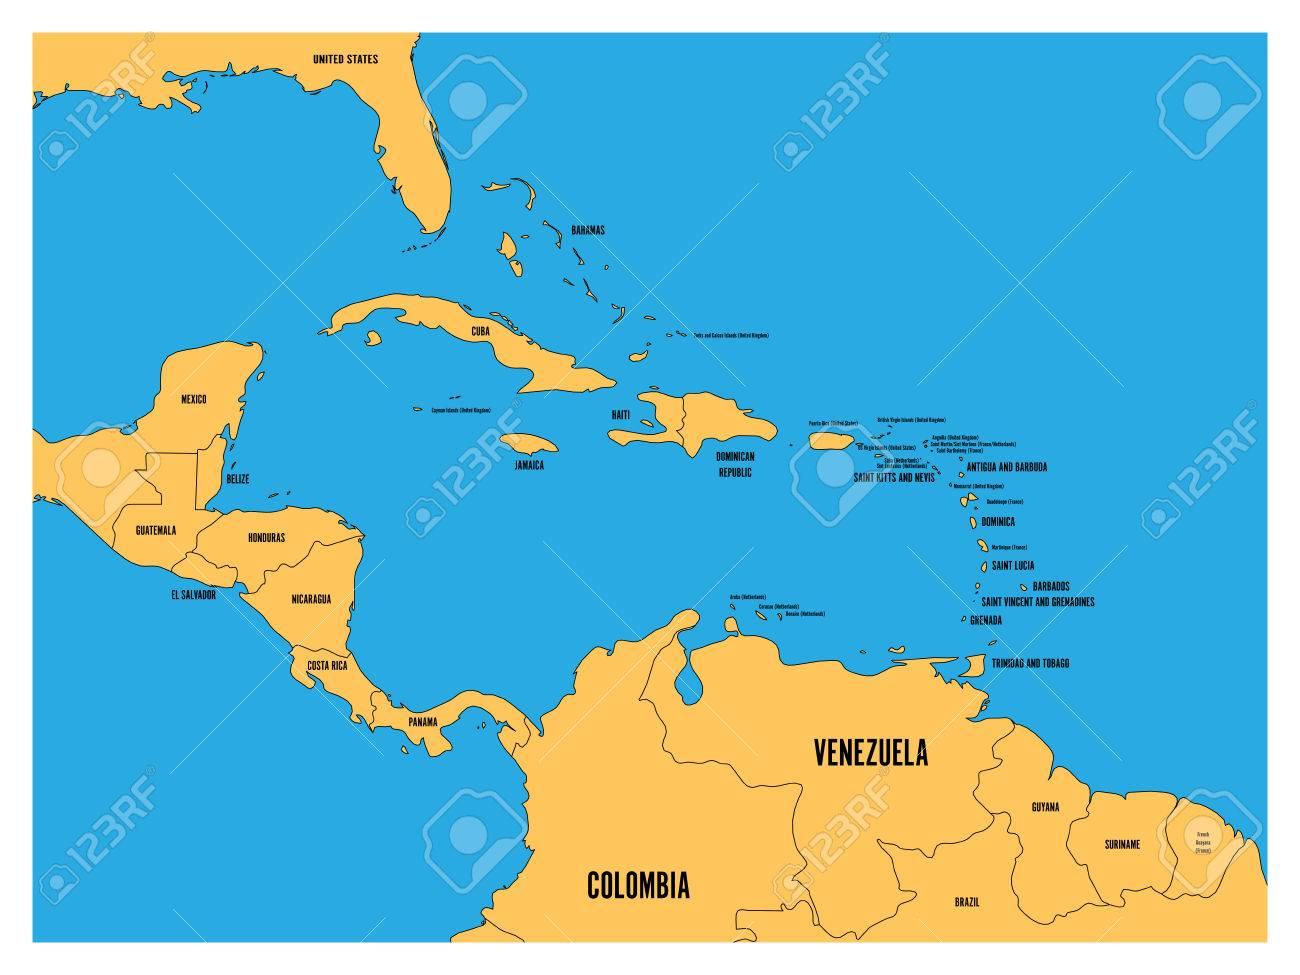 Carte Pays Amerique Centrale.La Carte Politique De L Amerique Centrale Et Des Etats Des Caraibes Terre Jaune Avec Des Noms De Noms De Pays Noirs Sur Fond De Mer Bleue